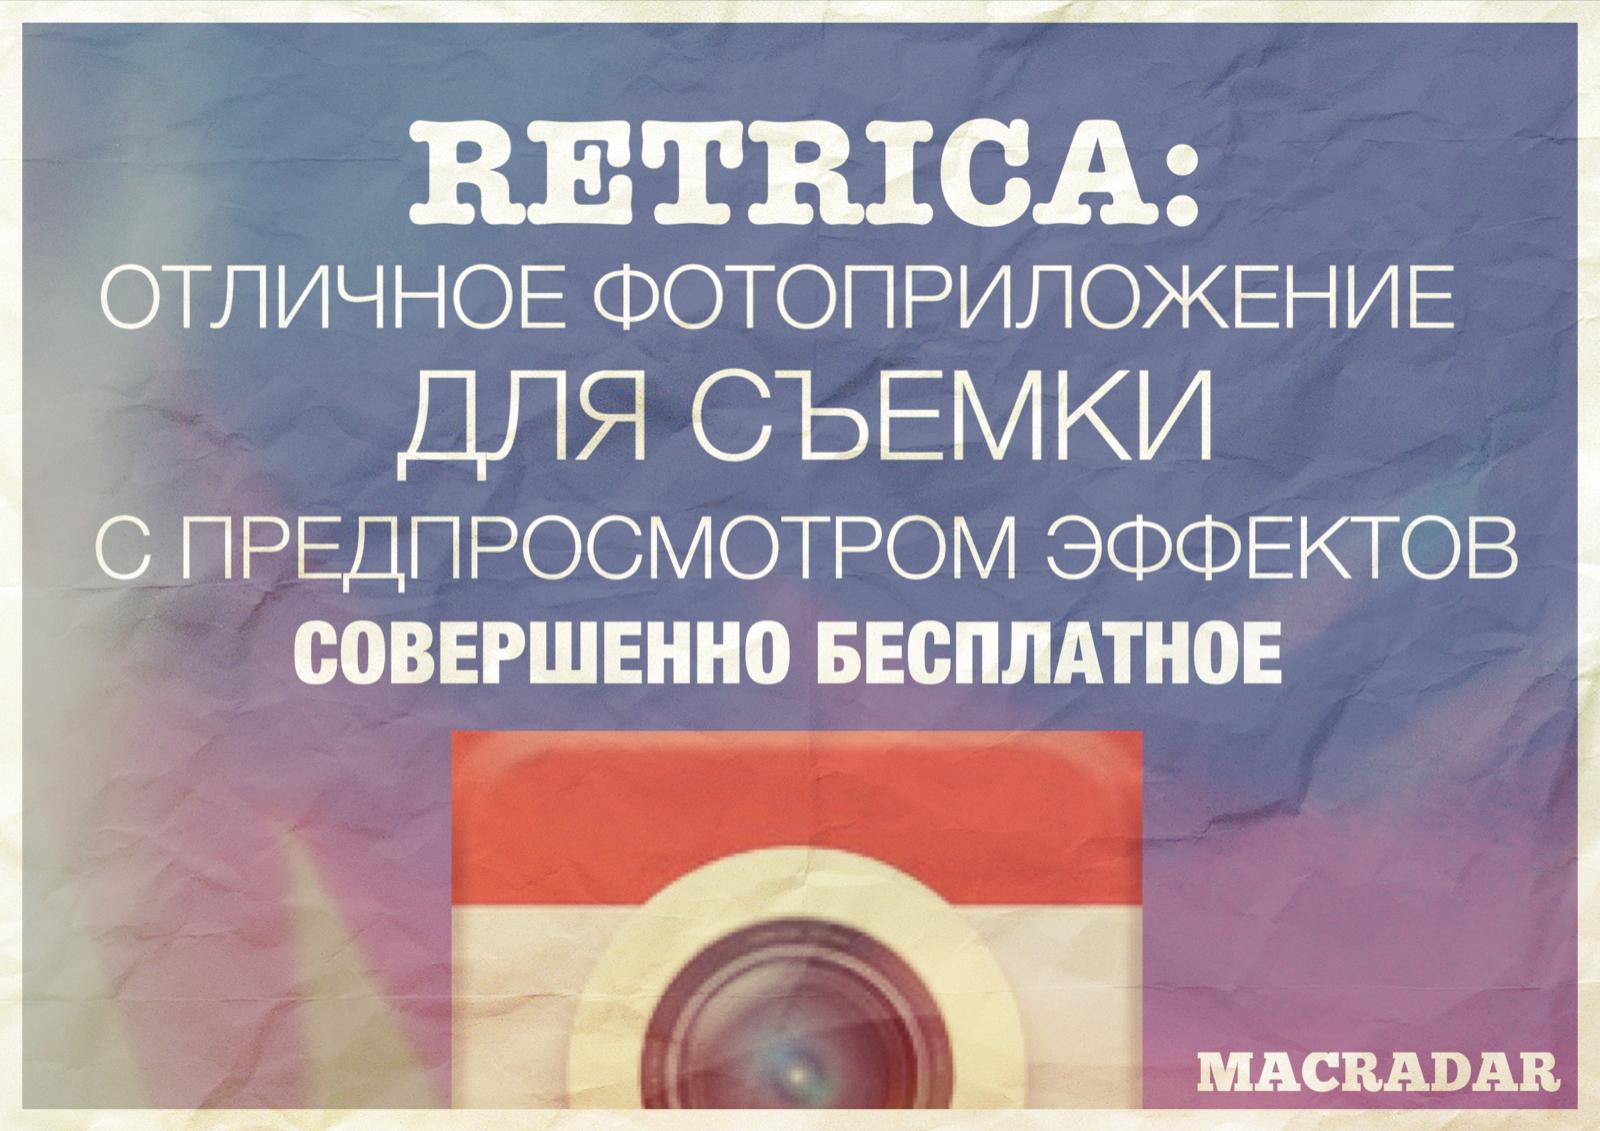 Retrica: отличное фотоприложение для съемки с предпросмотром эффектов. Совершенно бесплатное